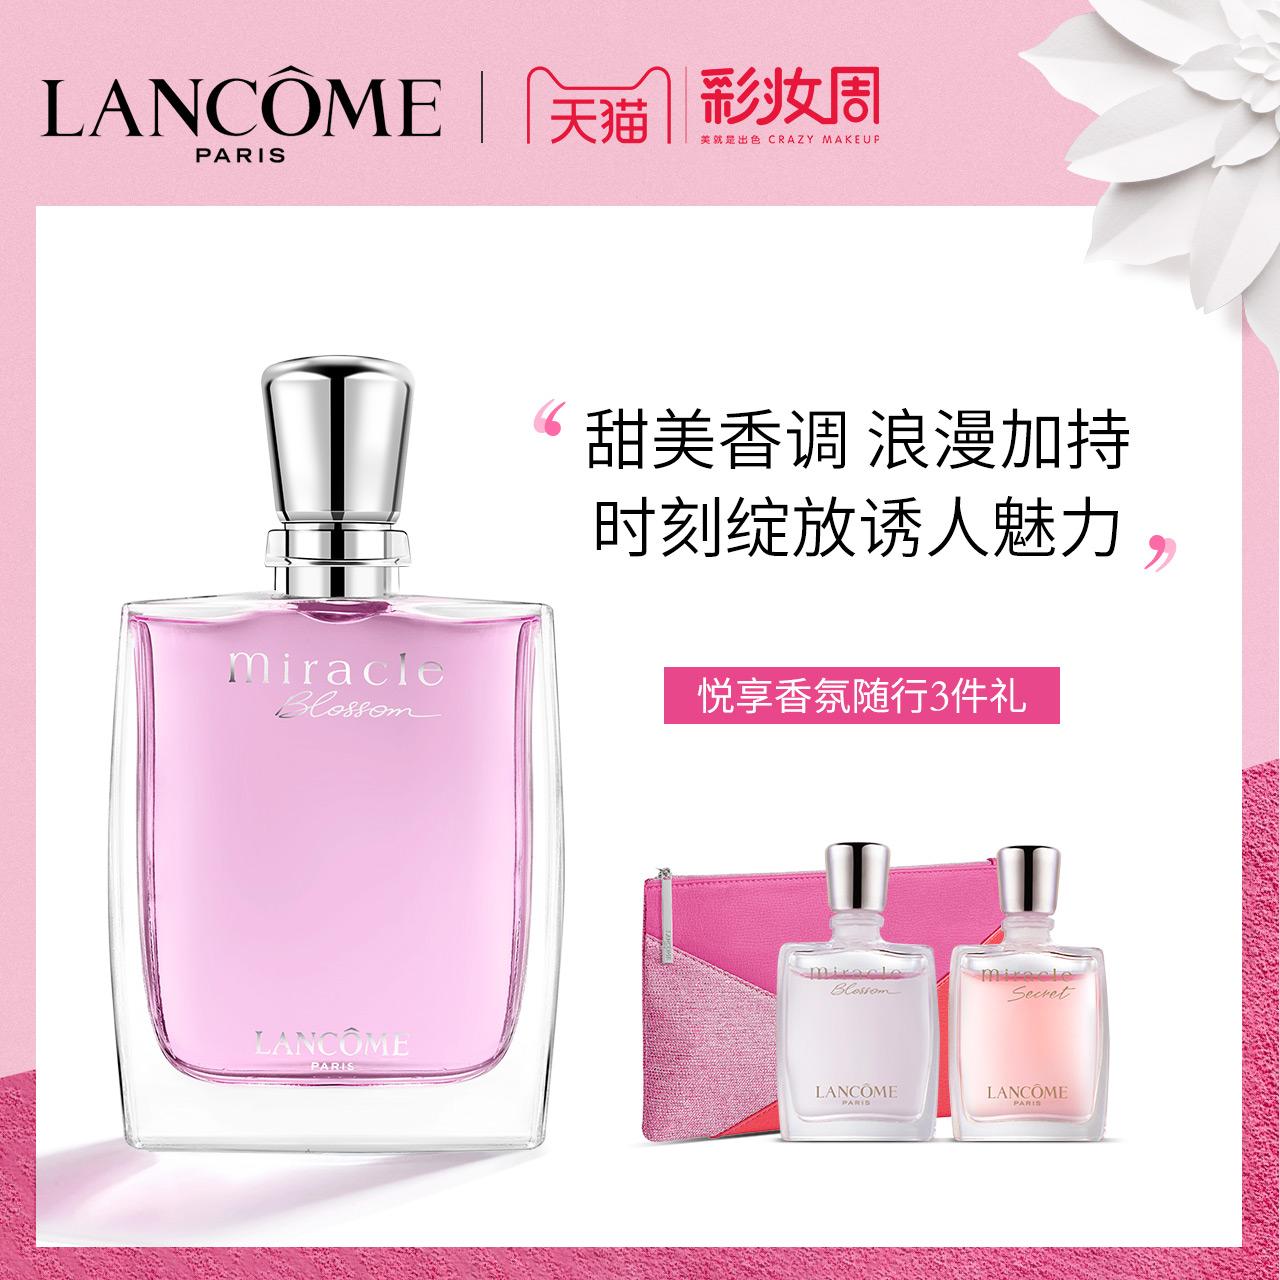 兰蔻奇迹绽放香水法国女士浪漫花果香氛花果香调